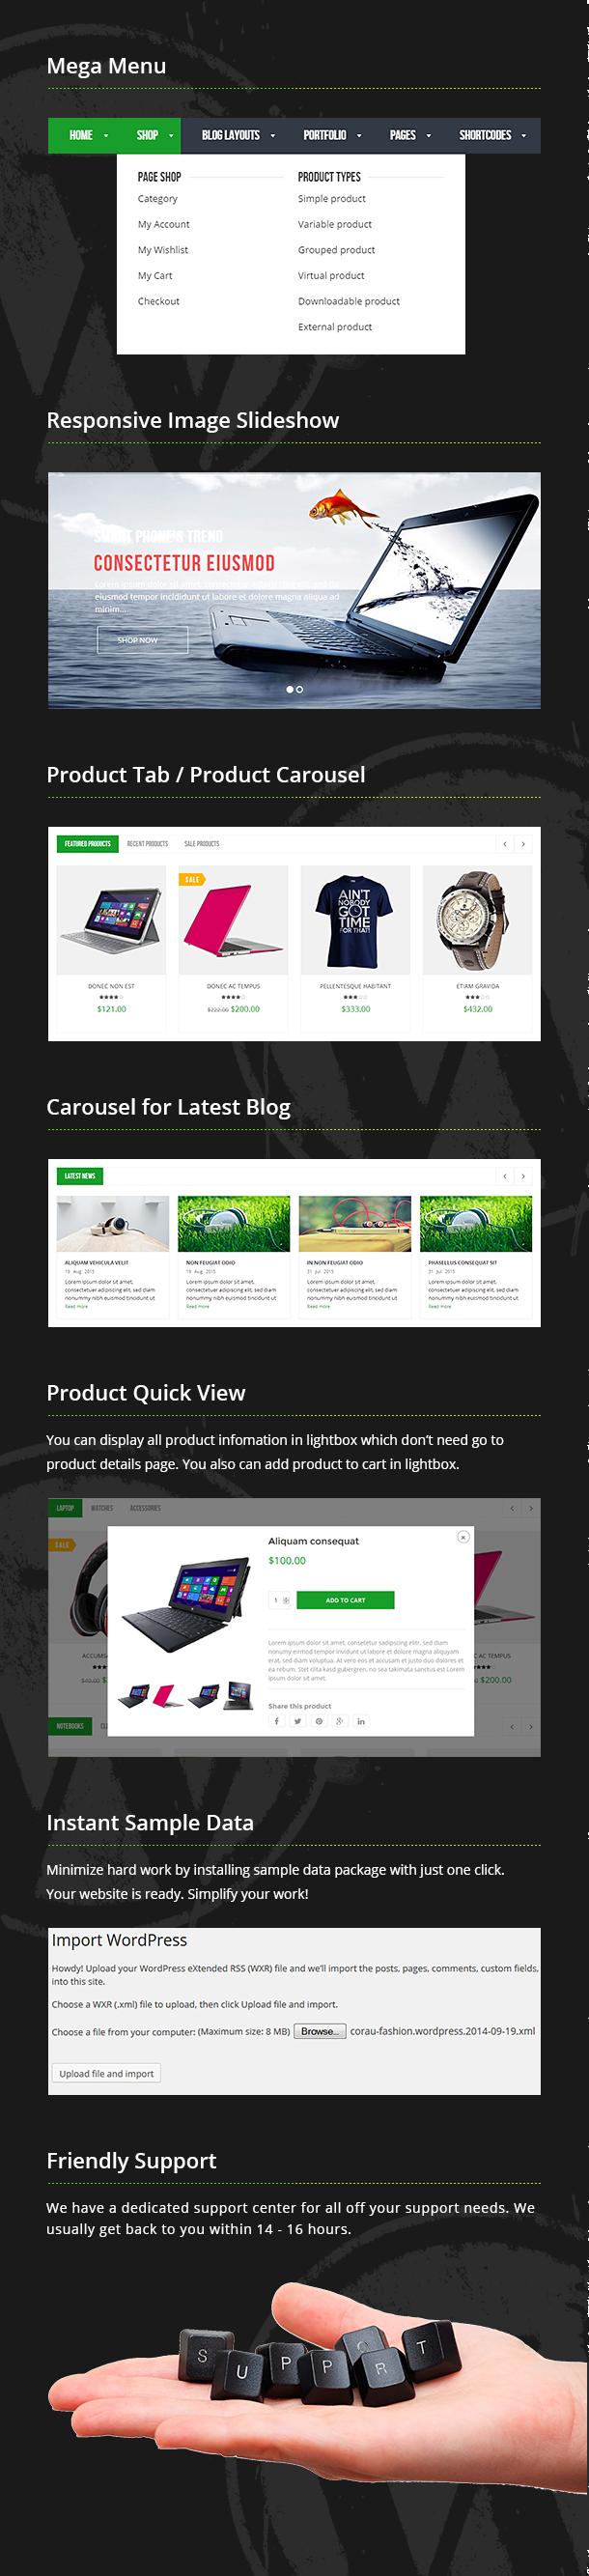 VG Bonnie - Creative WooCommerce WordPress Theme - 13